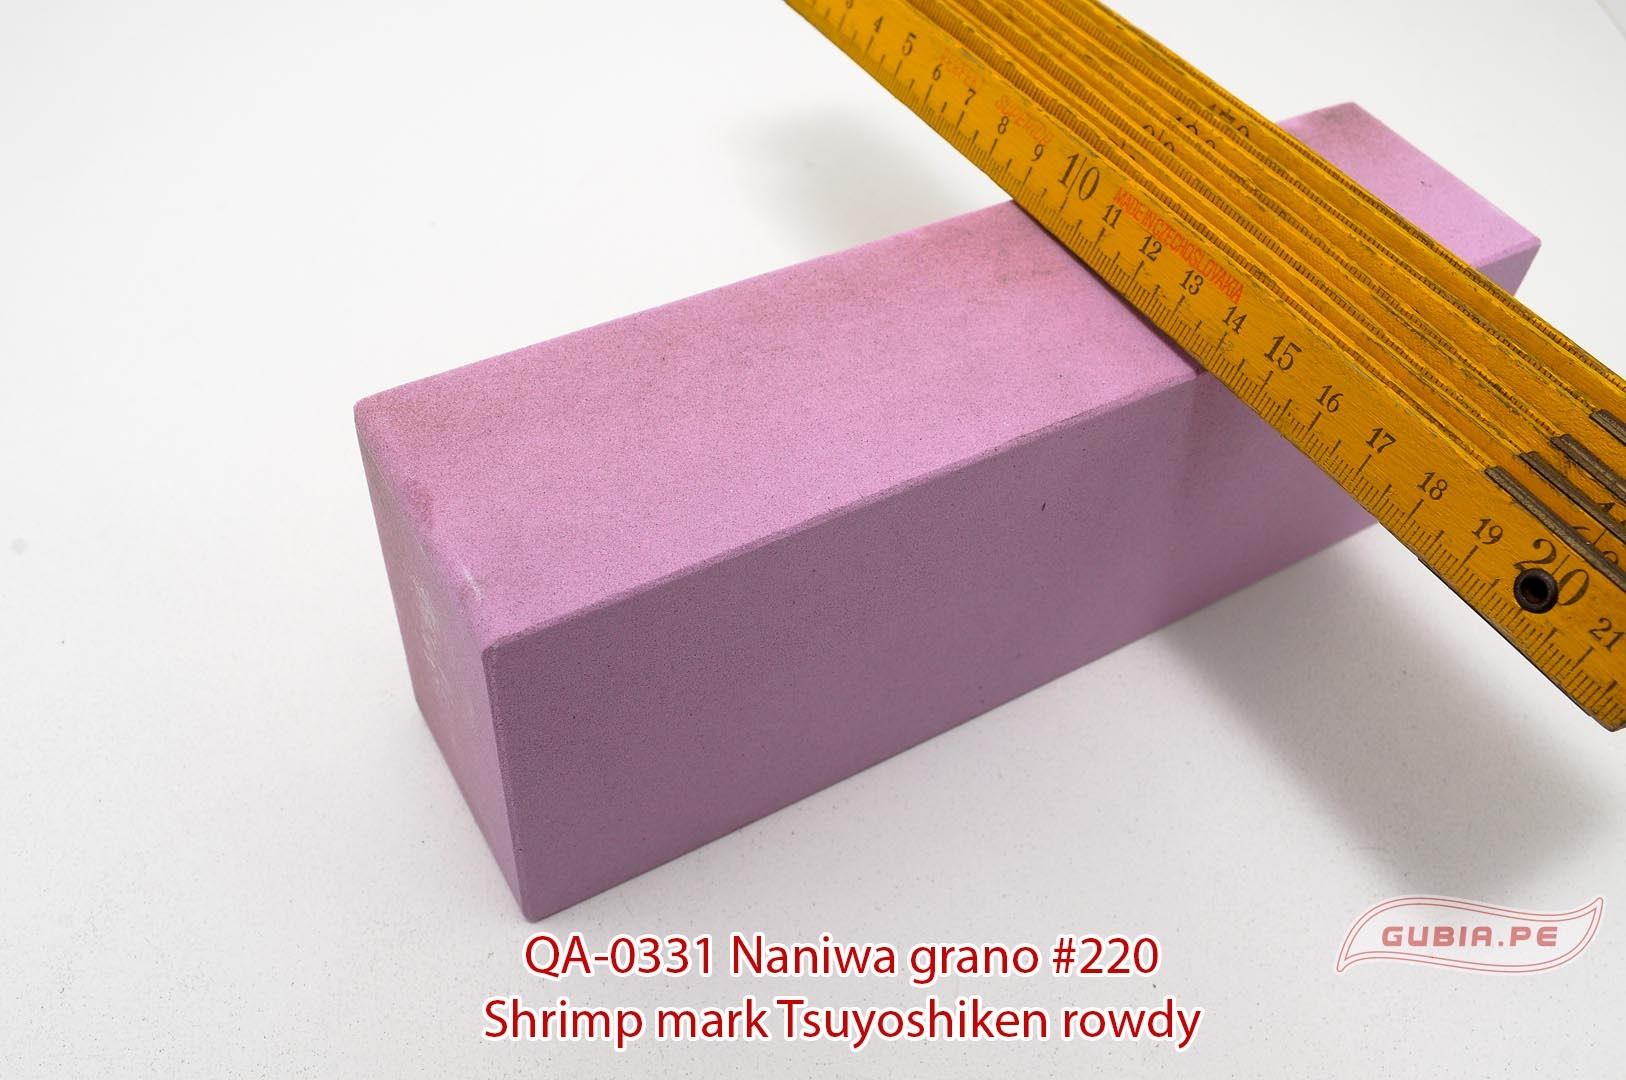 QA-0331-Piedra de afilar reparar filo 220 Tsuyoshiken Naniwa QA-0331-max-2.